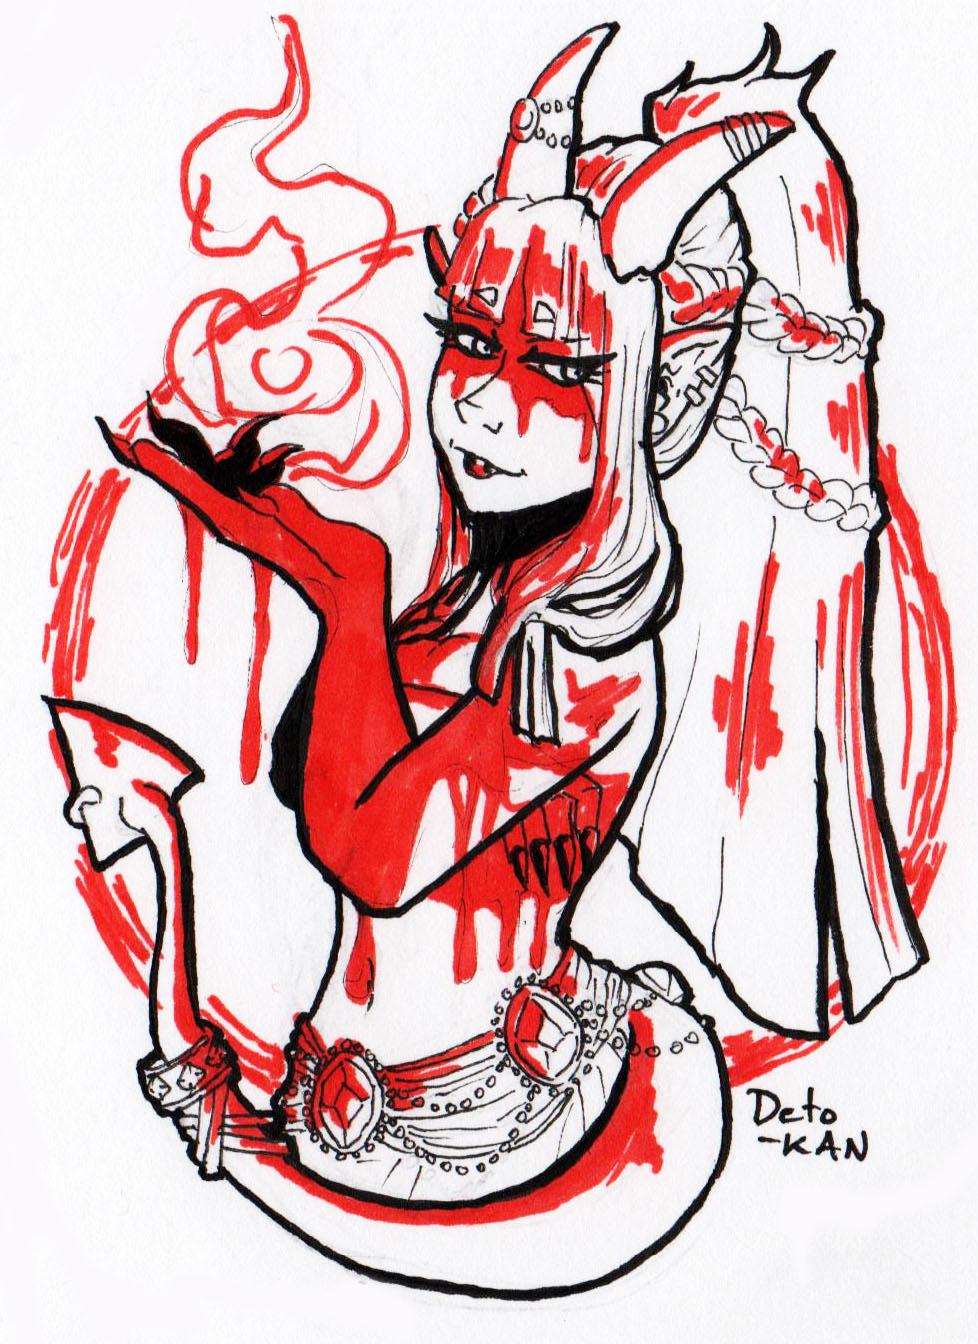 Demon Girl Love by Detonya-KAN